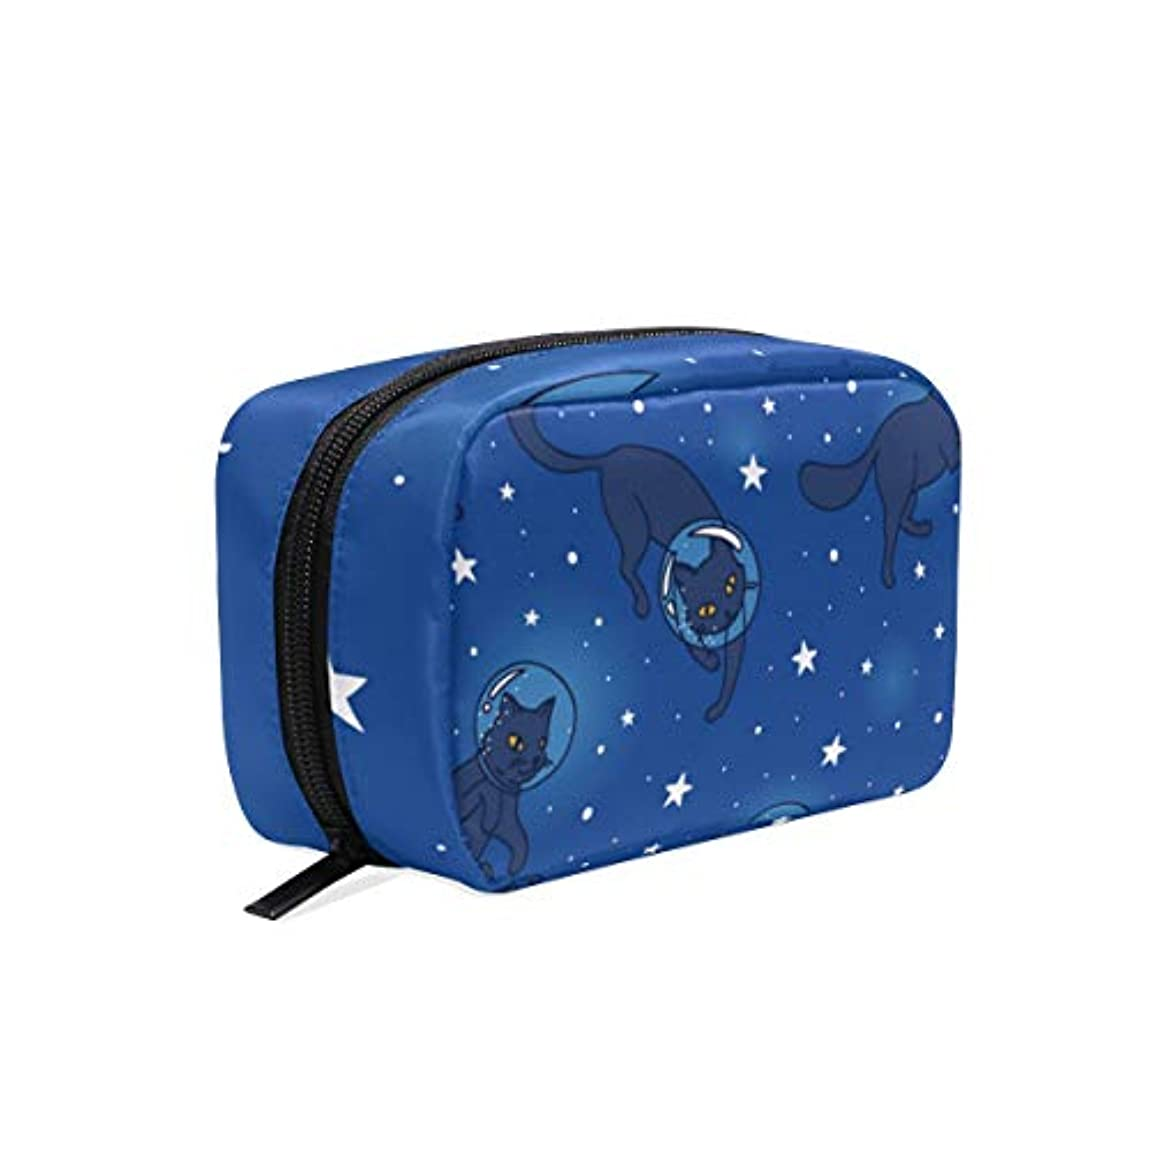 モナリザソーダ水中で(VAWA) 化粧ポーチ 大容量 可愛い 宇宙 猫柄 星柄 メイクポーチ コンパクト 機能的 おしゃれ 持ち運び コスメ収納 仕切り ミニポーチ バニティーケース 洗面道具 携帯用